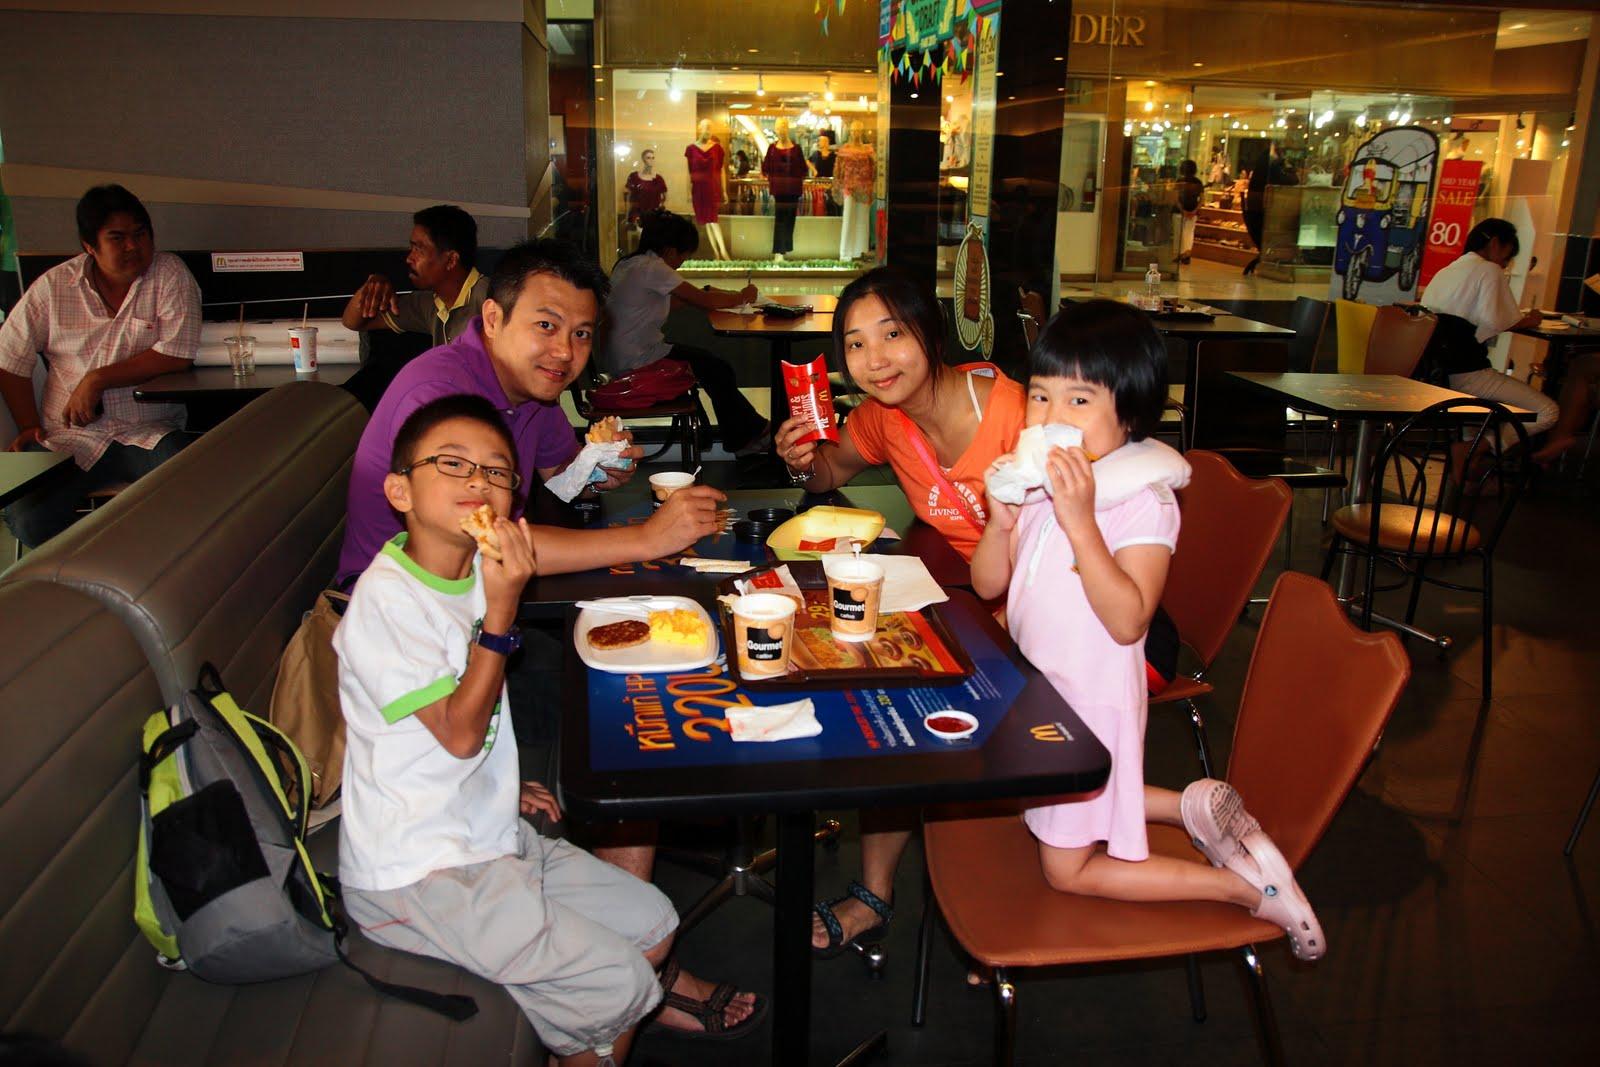 田三填四: 泰國布吉 曼谷 2011夏 (6)